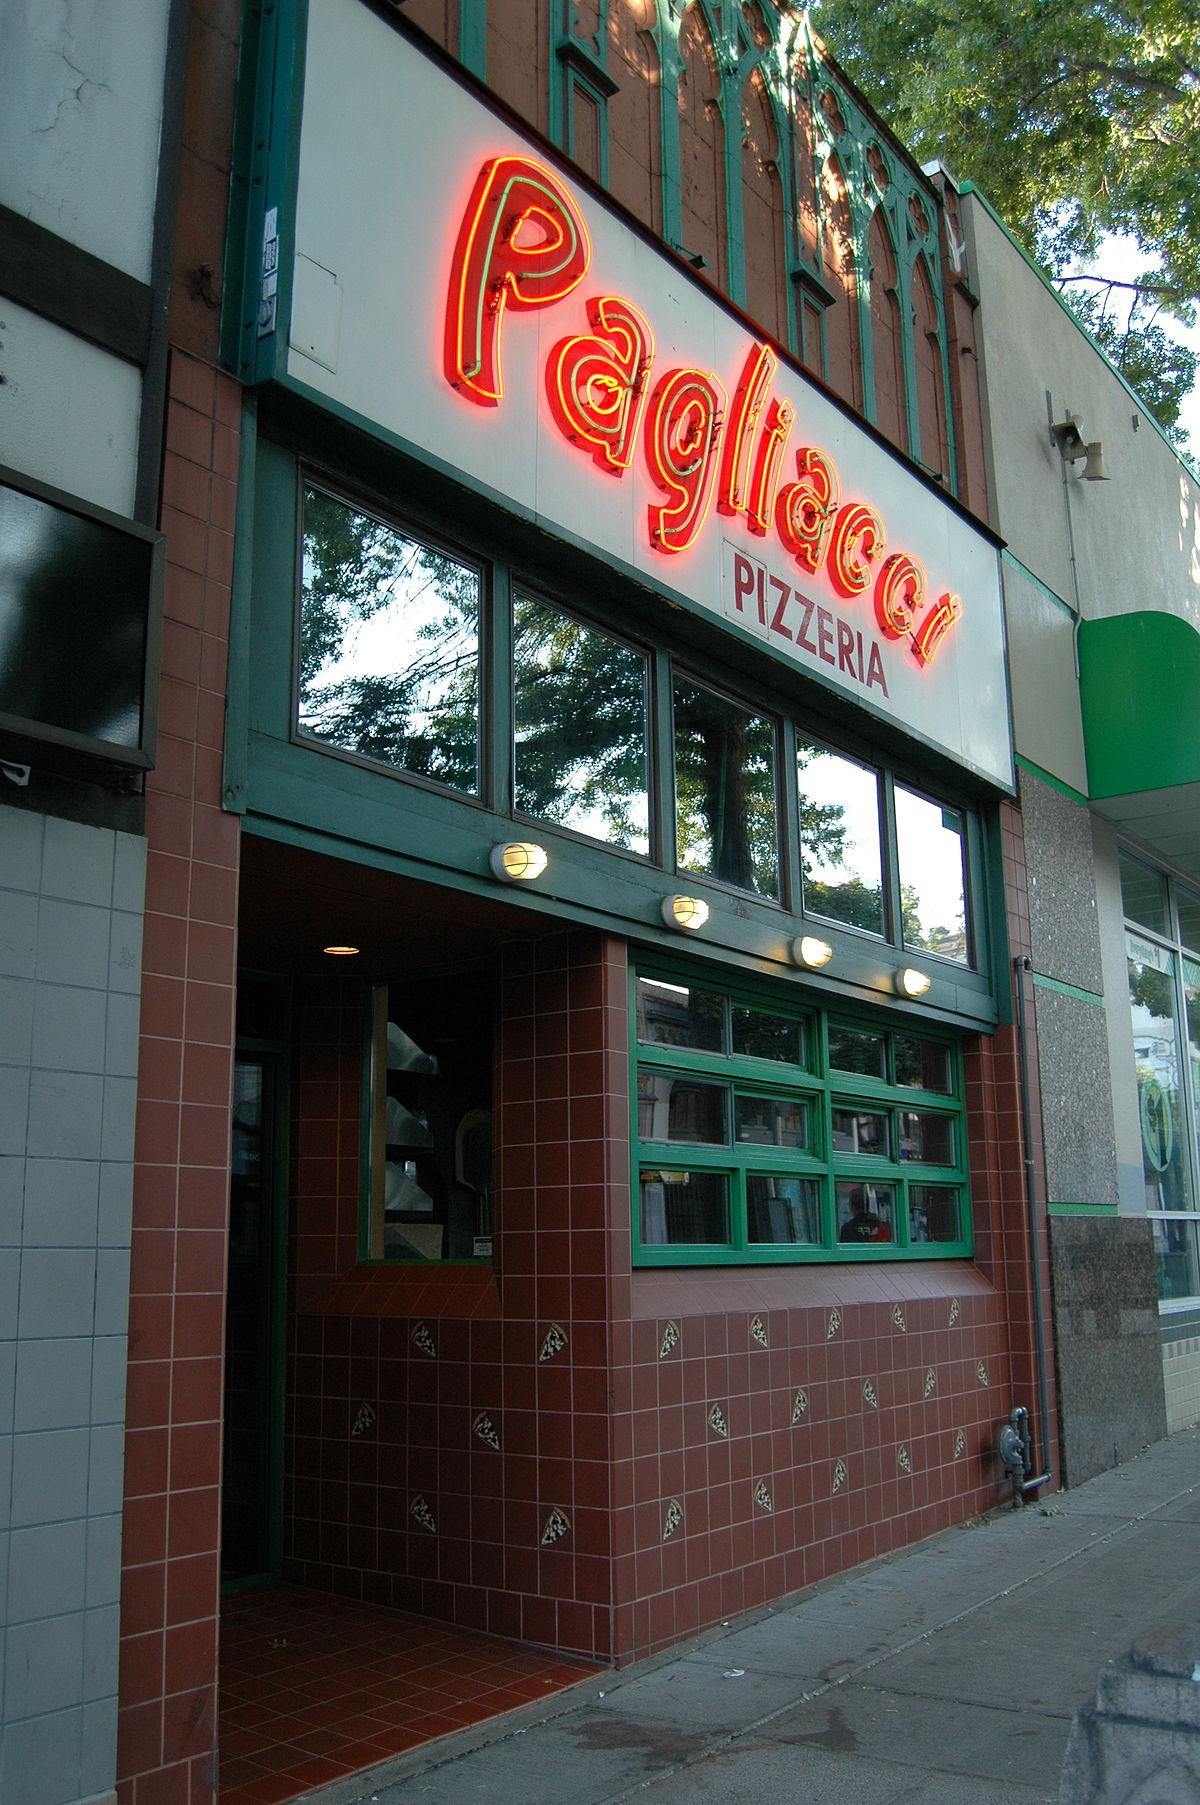 Pagliacci Italian Restaurant And Pizzeria